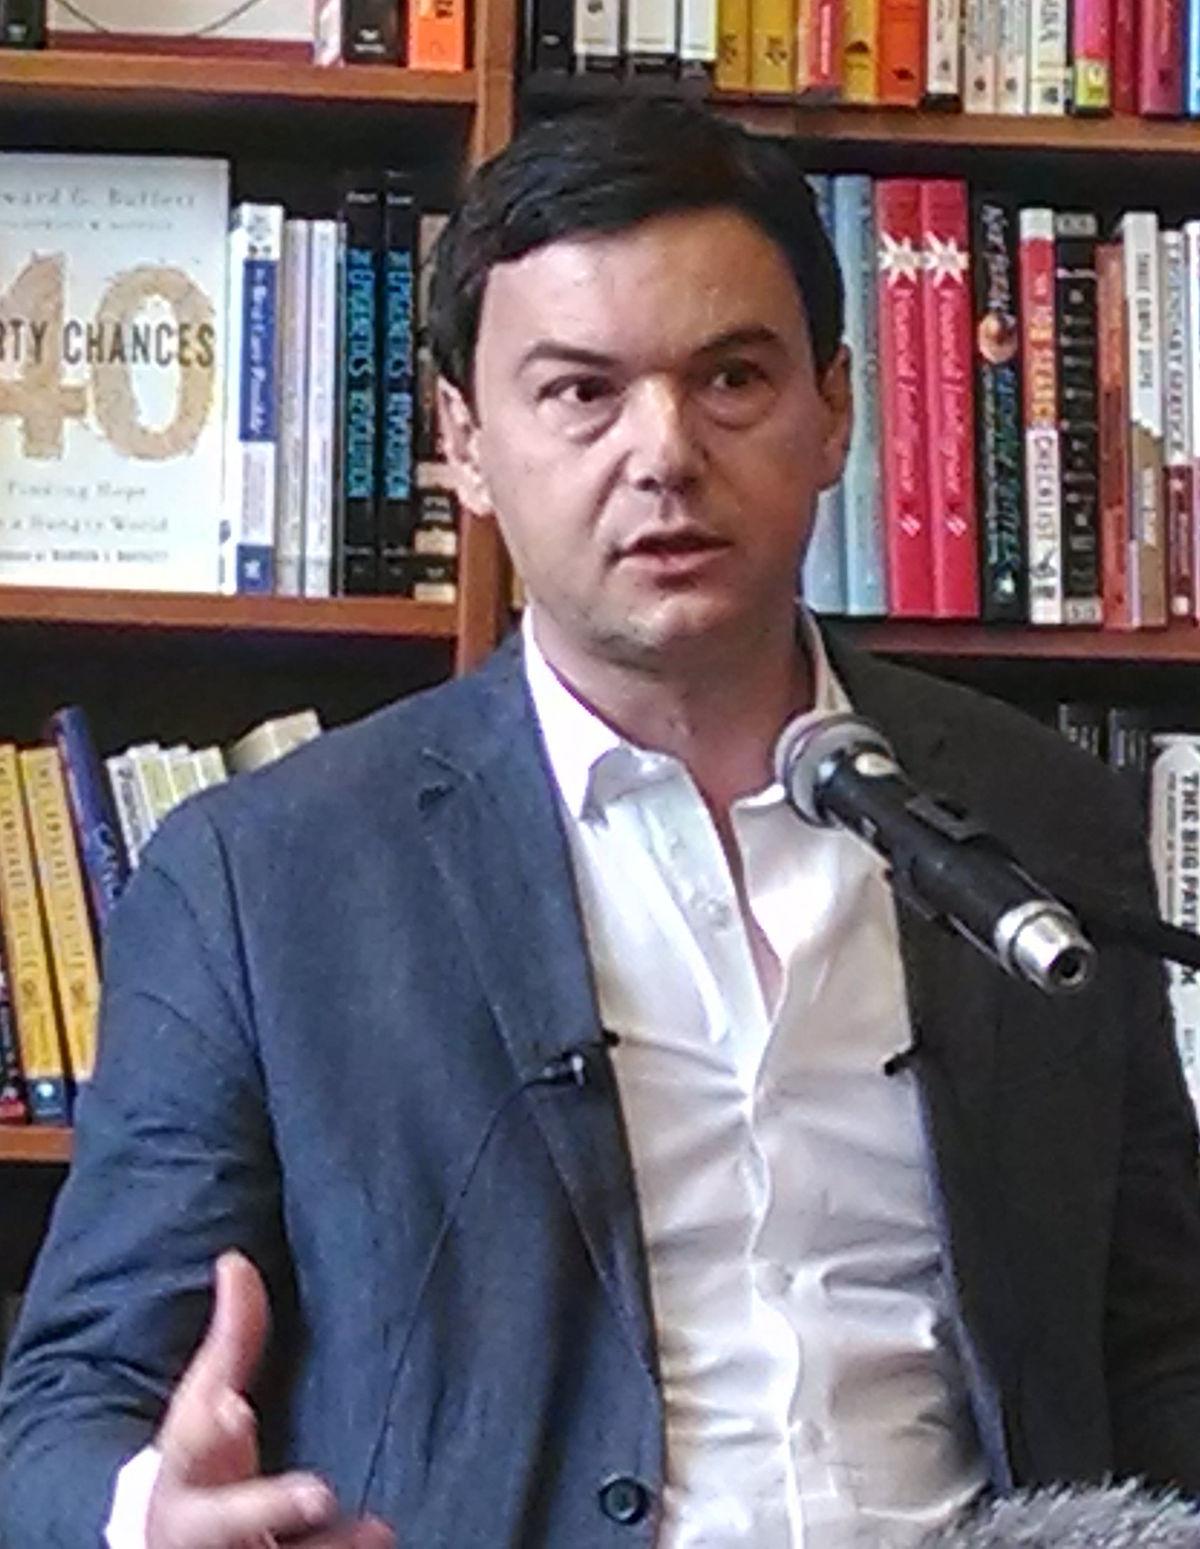 Thomas Piketty Wikipedia